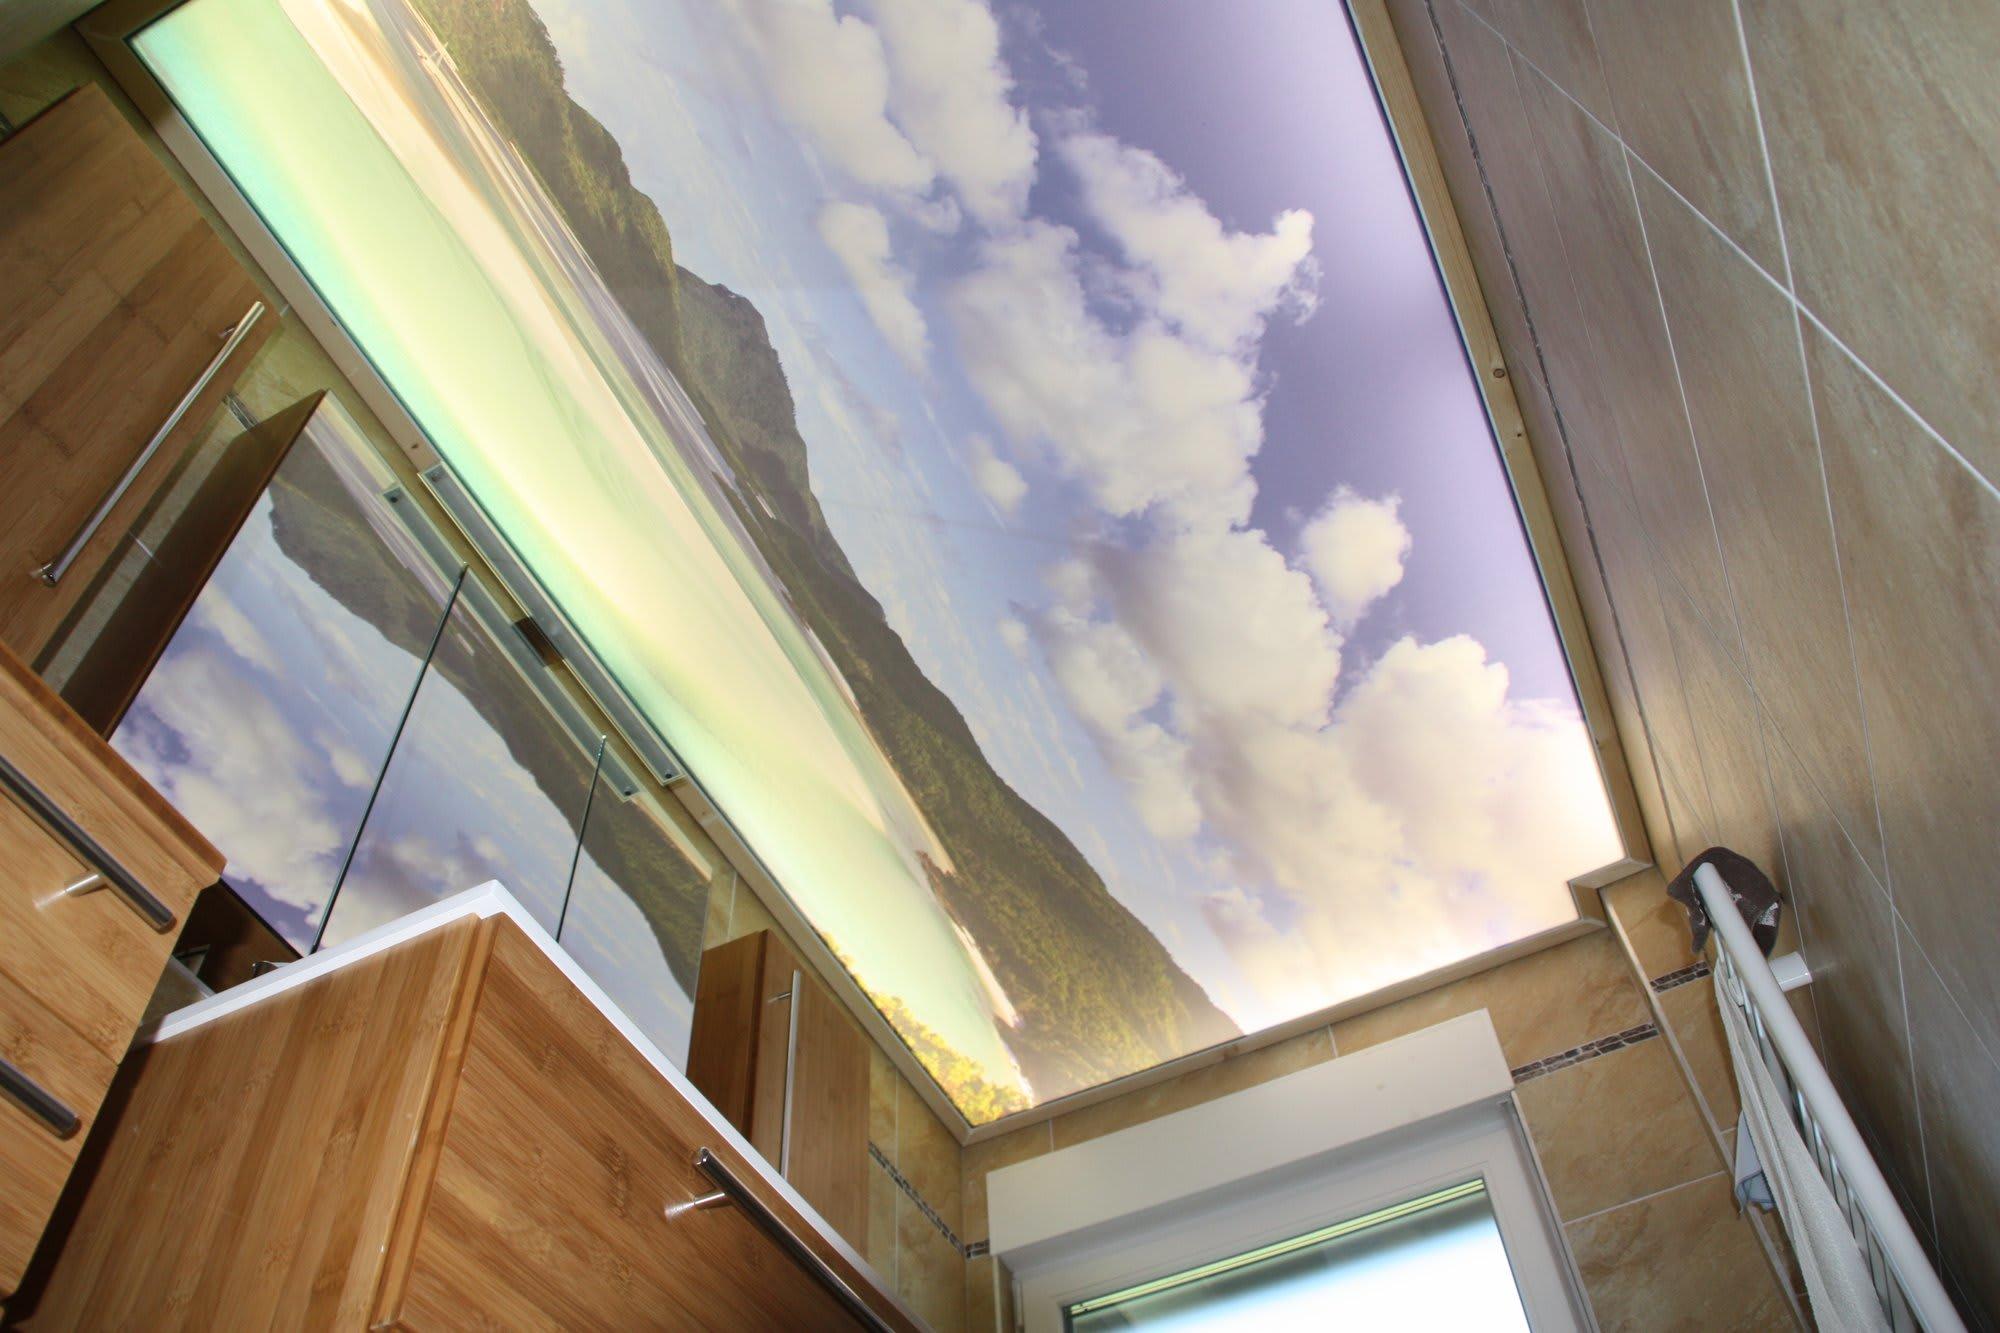 Badezimmer mit bedruckter beleuchteter Spanndecke Wasser und Berge